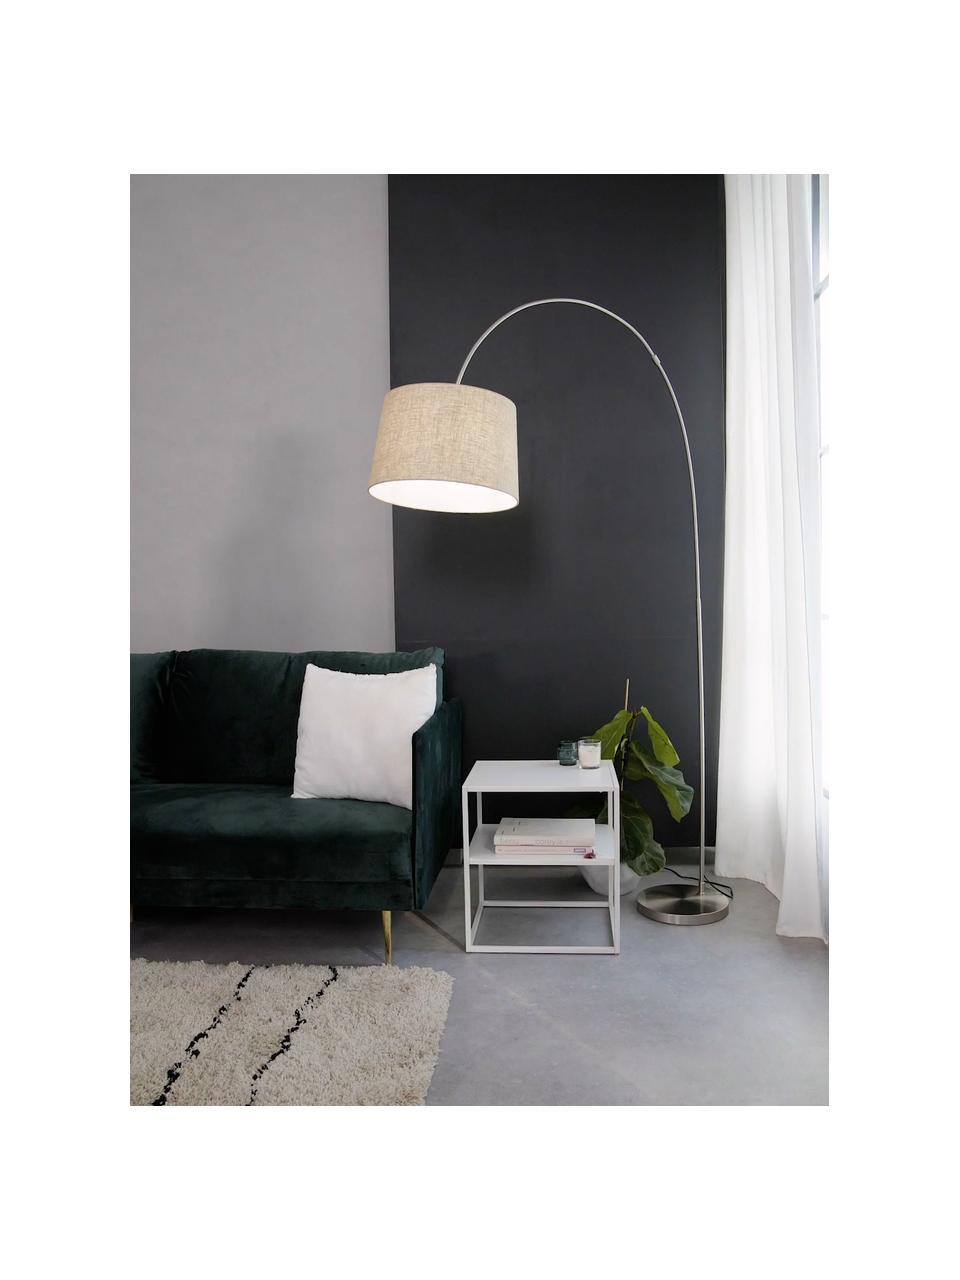 Große Bogenlampe Laurence in Beige, Lampenschirm: Baumwollgemisch, Lampenfuß: Metall, gebürstet, Beige,Silberfarben, Ø 40 x H 188 cm